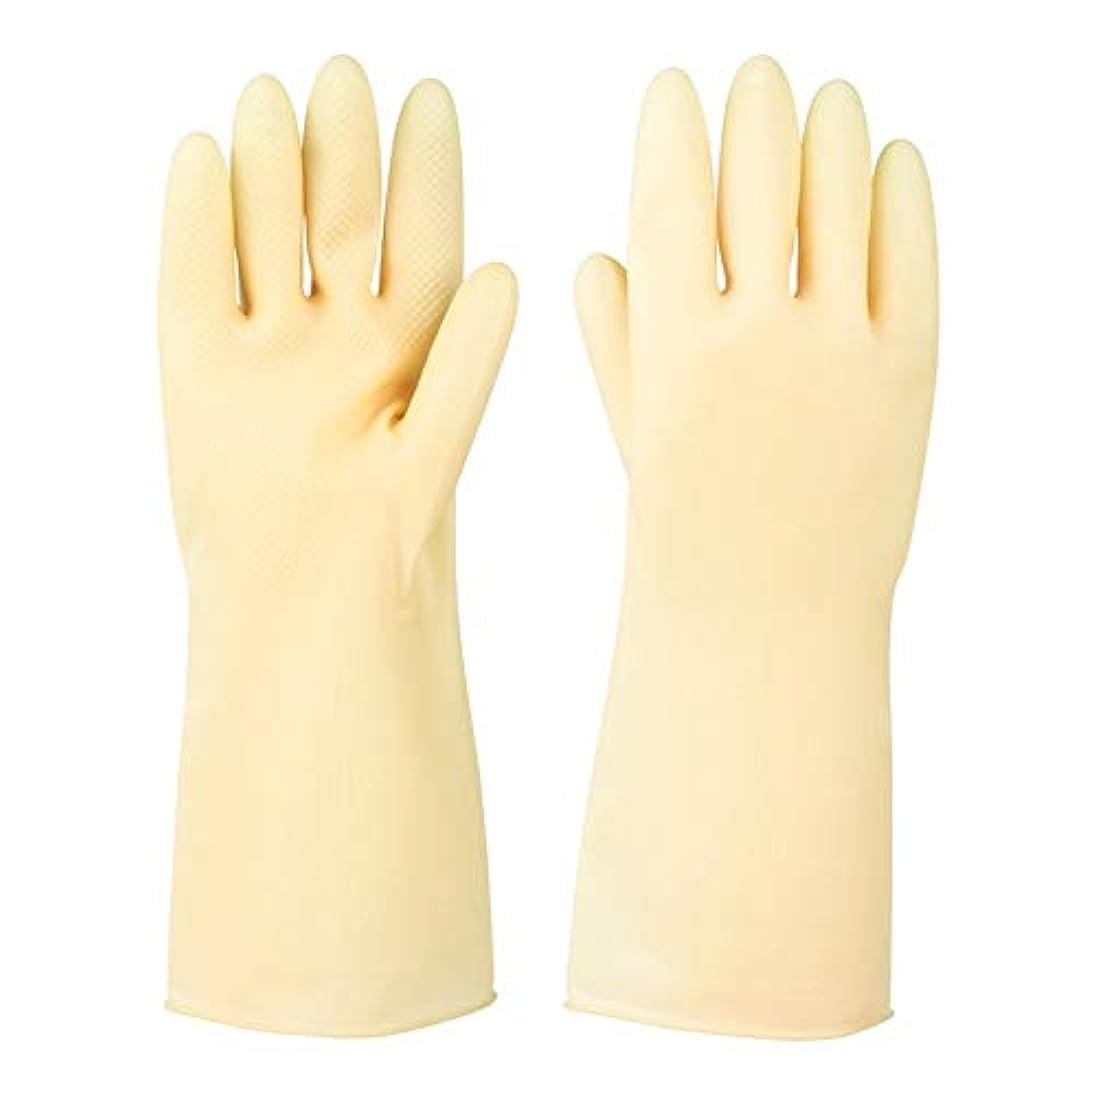 シェトランド諸島伴う借りているニトリルゴム手袋 ラバーレザーグローブ厚めの滑り止め耐摩耗性防水保護手袋、5ペア 使い捨て手袋 (Color : 5 pair, Size : S)